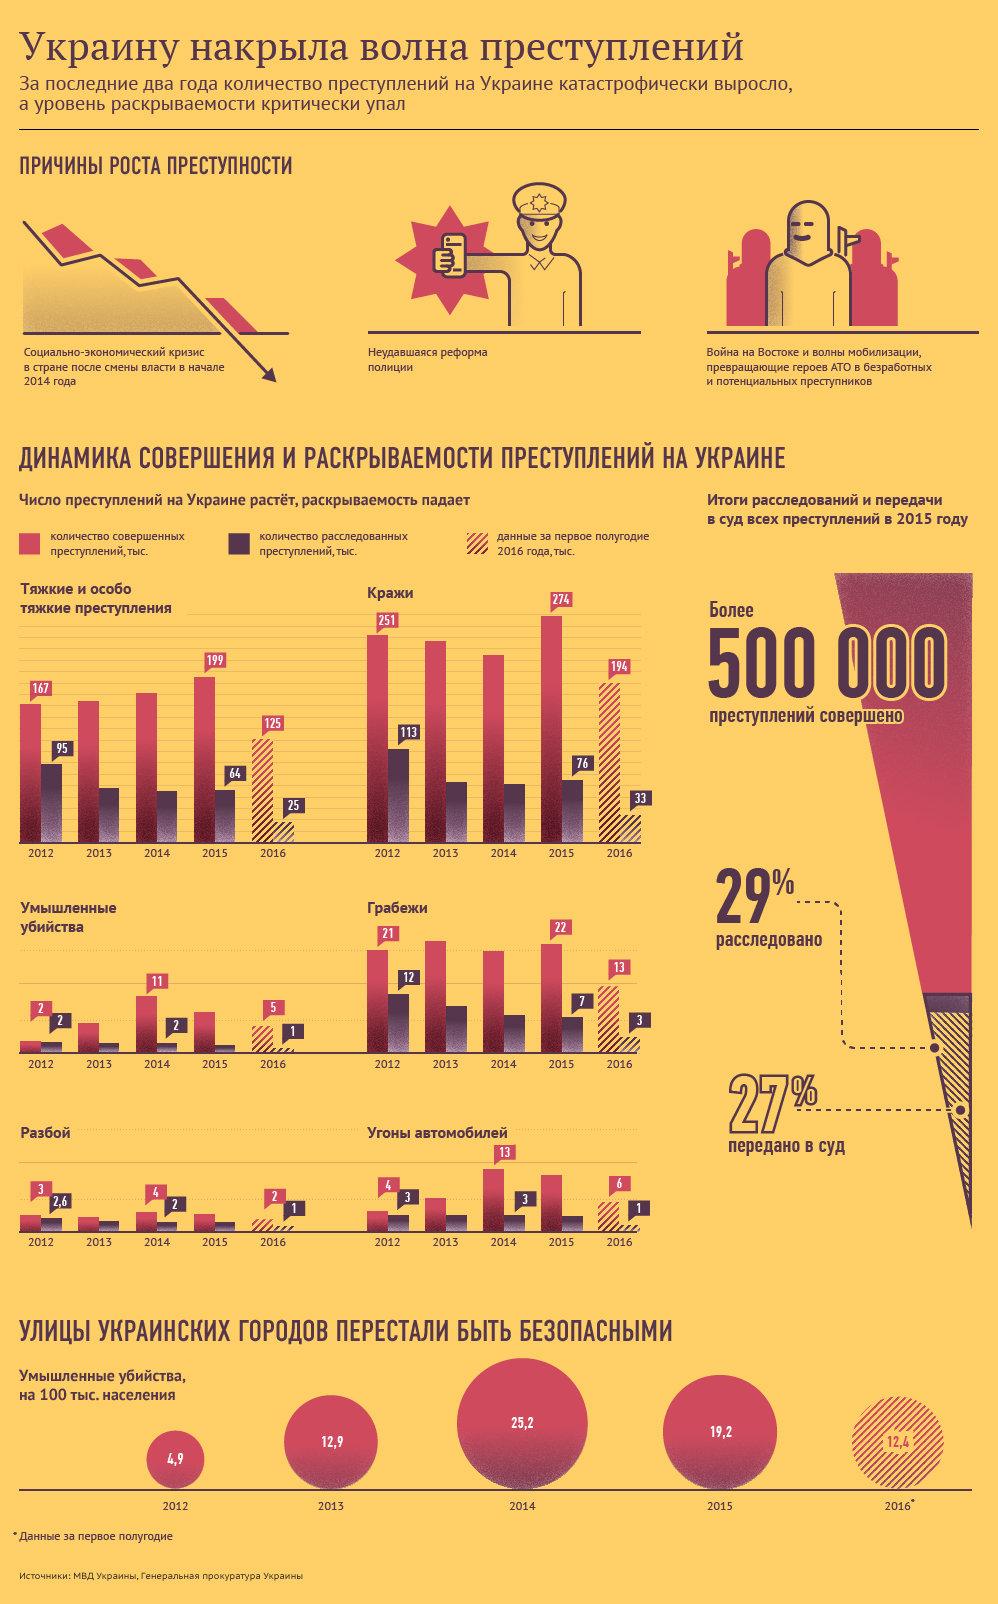 Украину накрыла волна преступлений